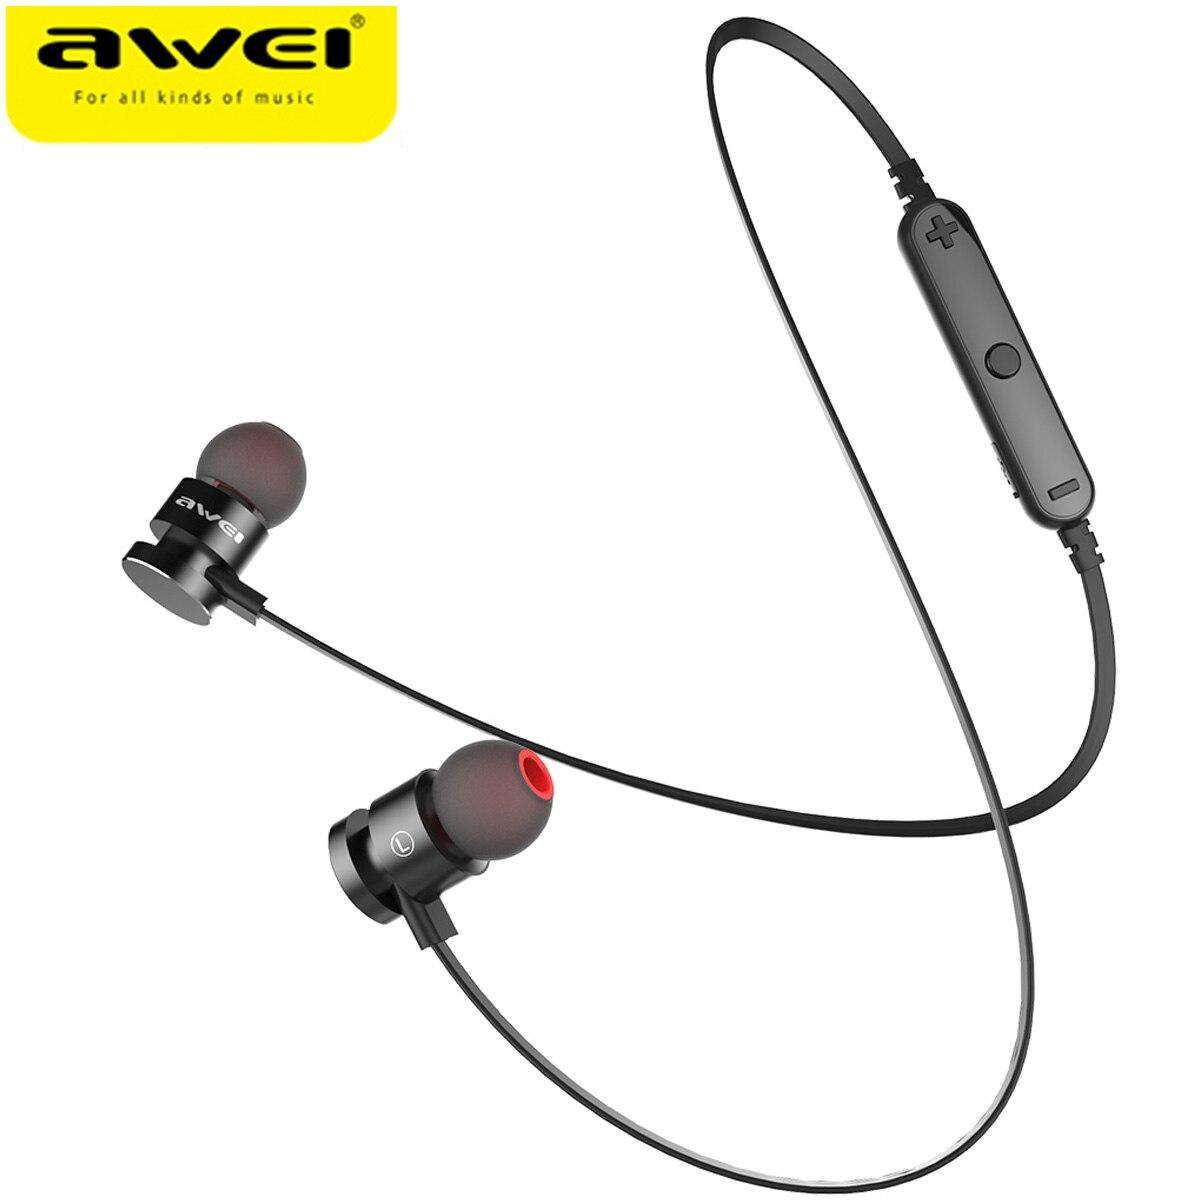 2017 Nuevo awei T11 auriculares inalámbricos Bluetooth auricular Fone de ouvido para teléfono banda para el cuello auriculares Bluetooth V4.2